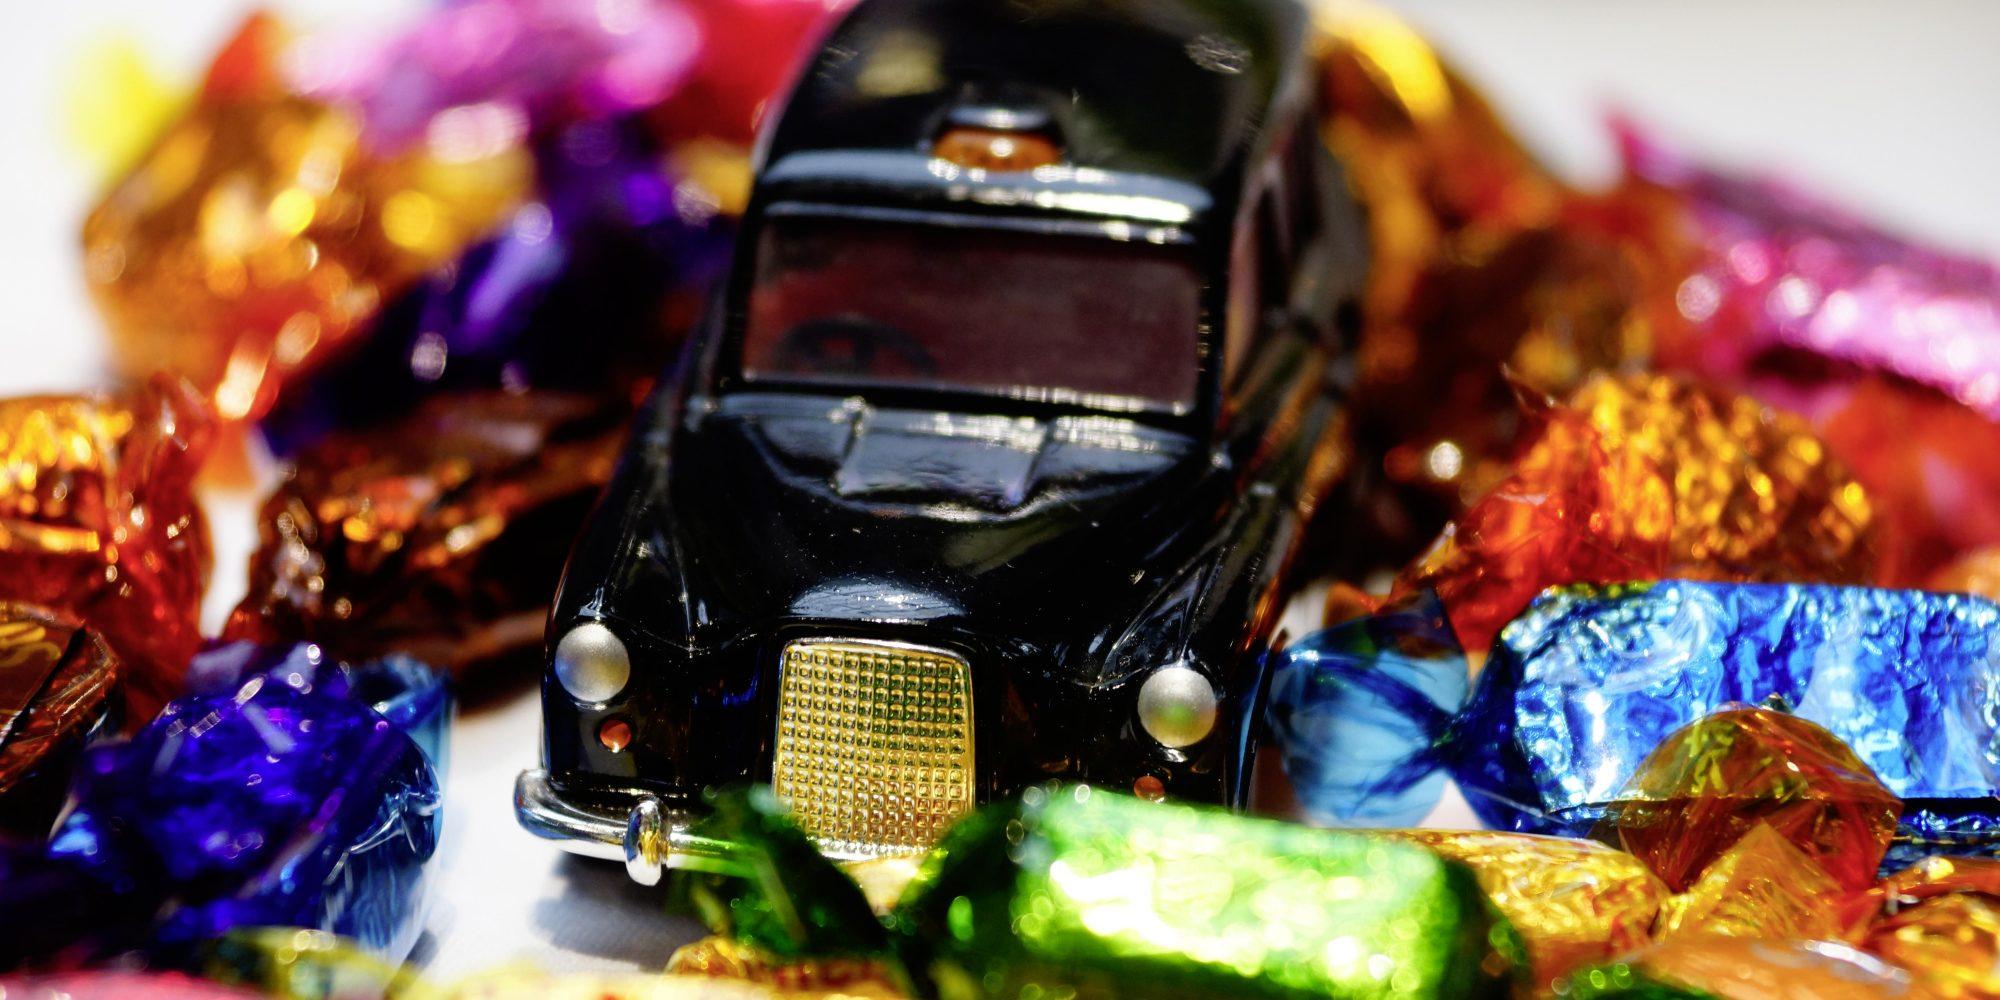 HM_Lued17_Auto_Bonbons